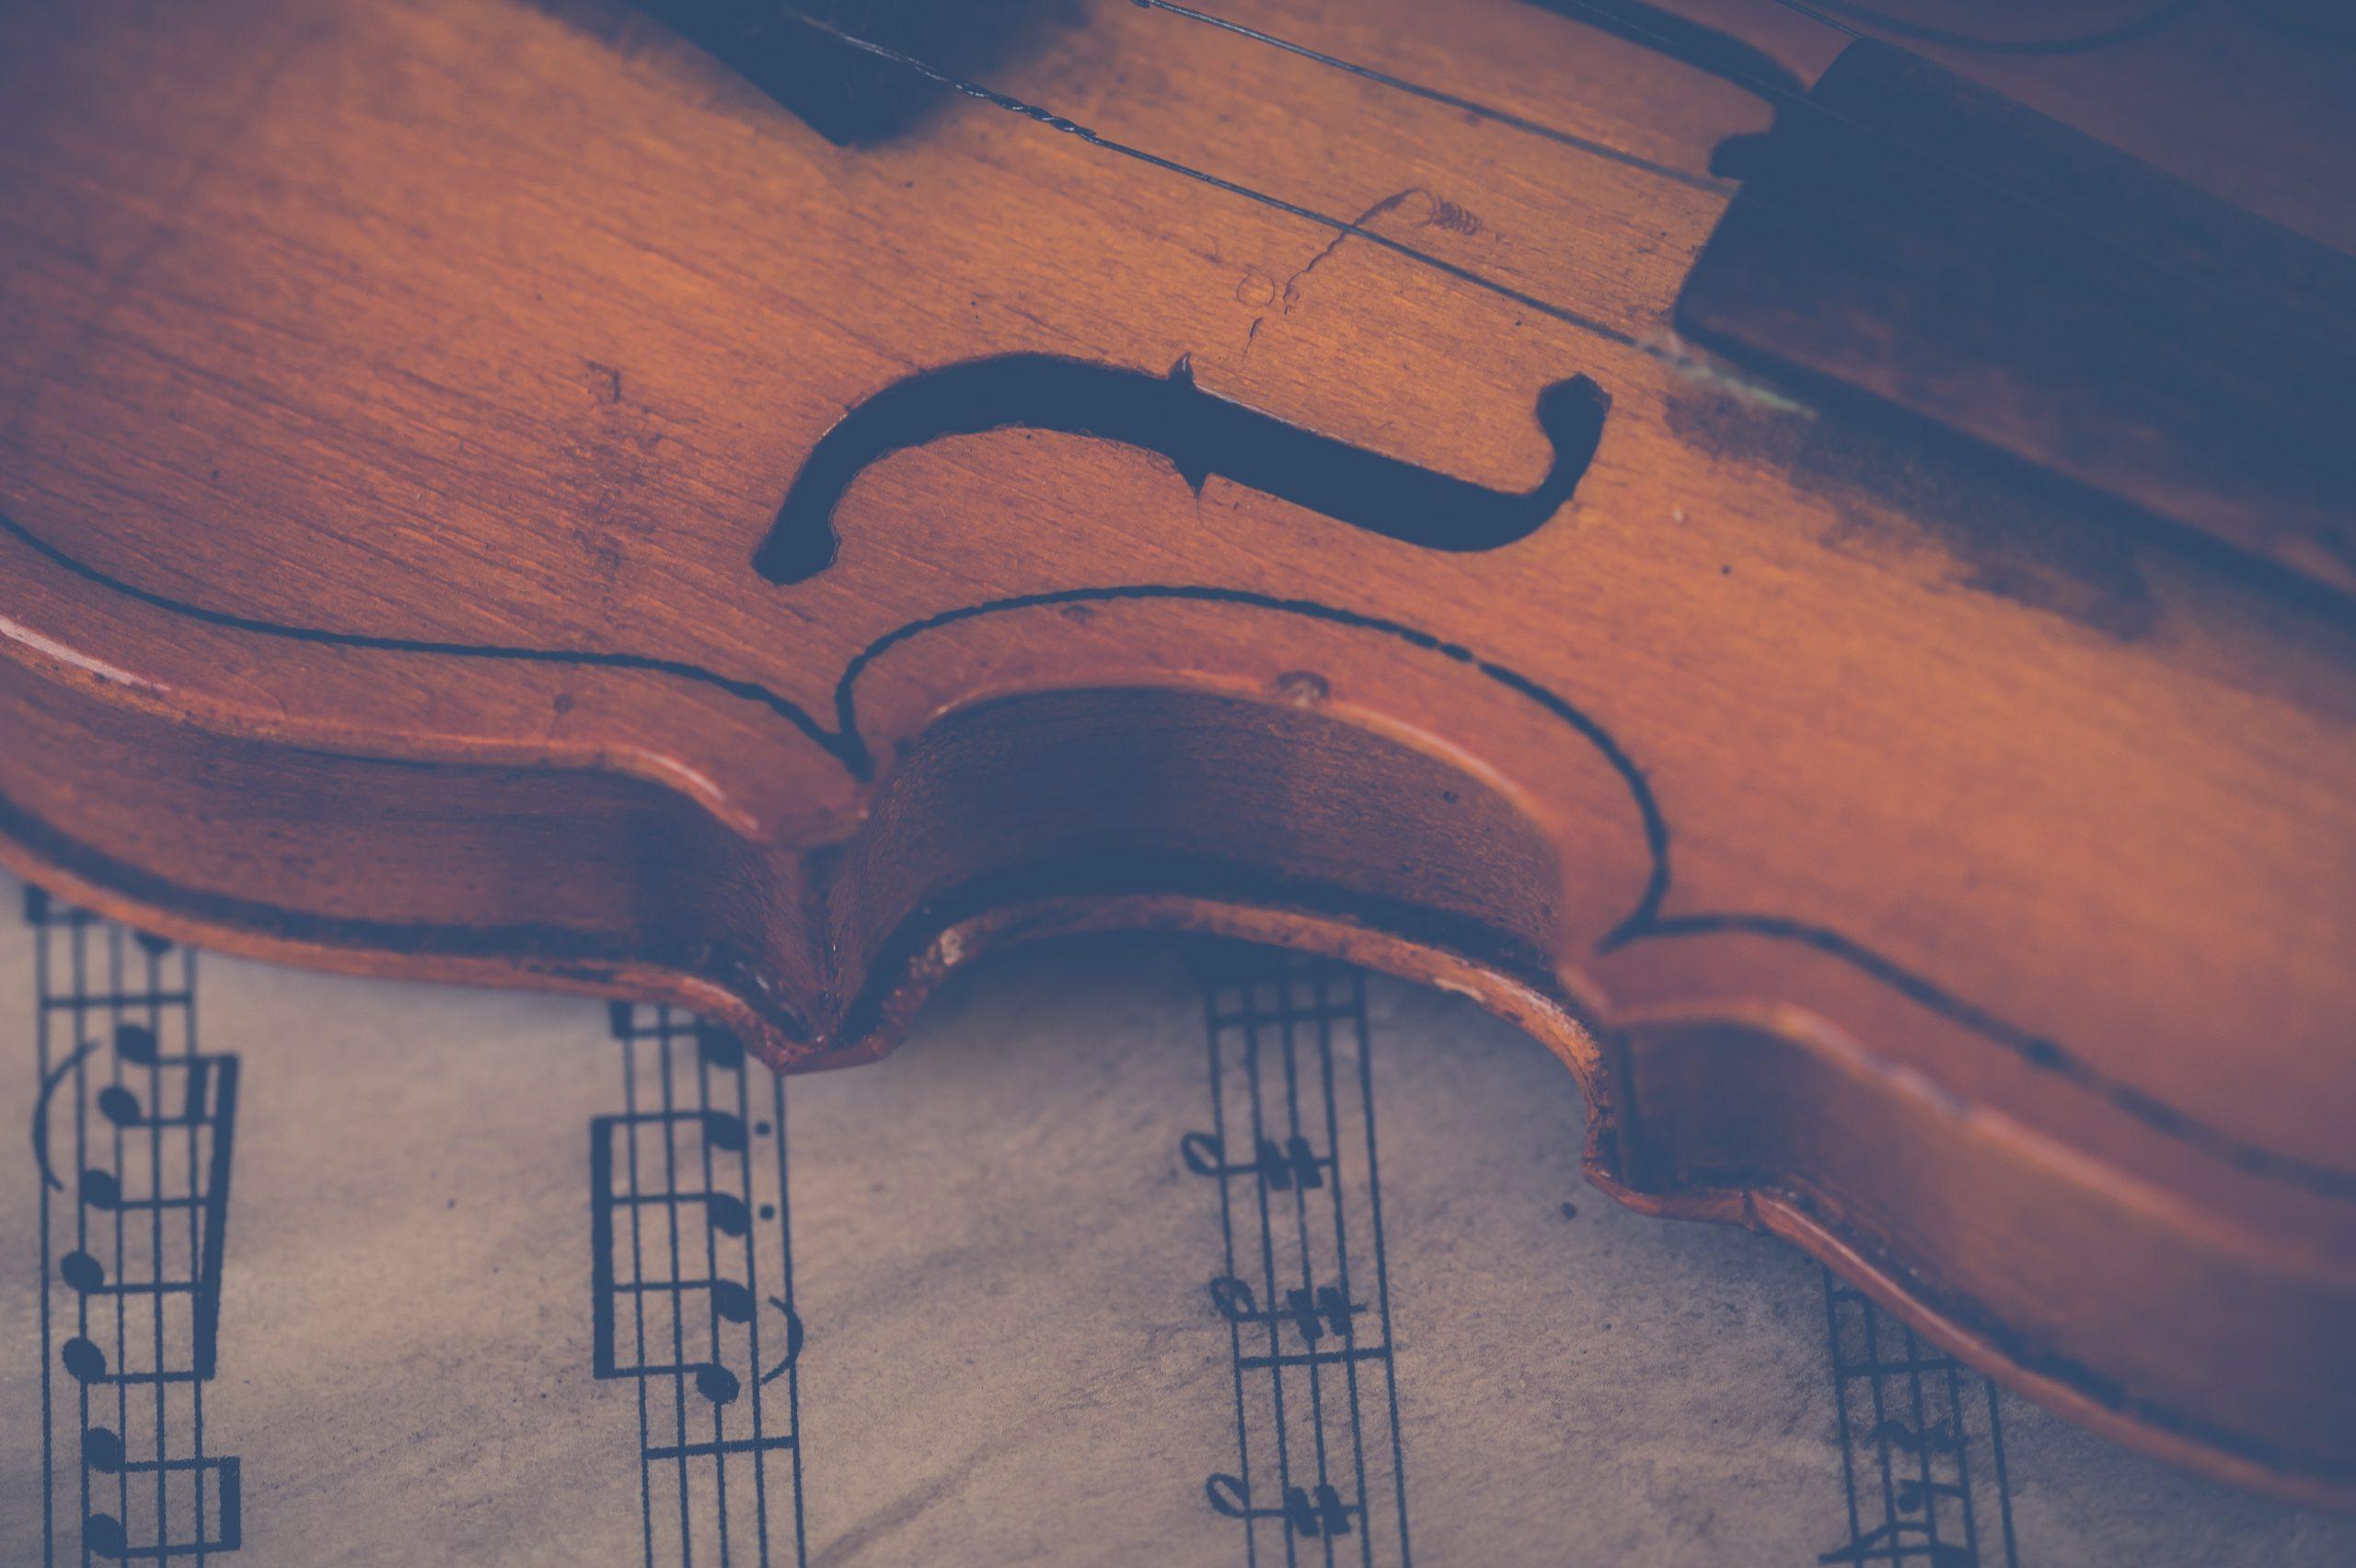 Eine Geige liegt auf einem Notenblatt.